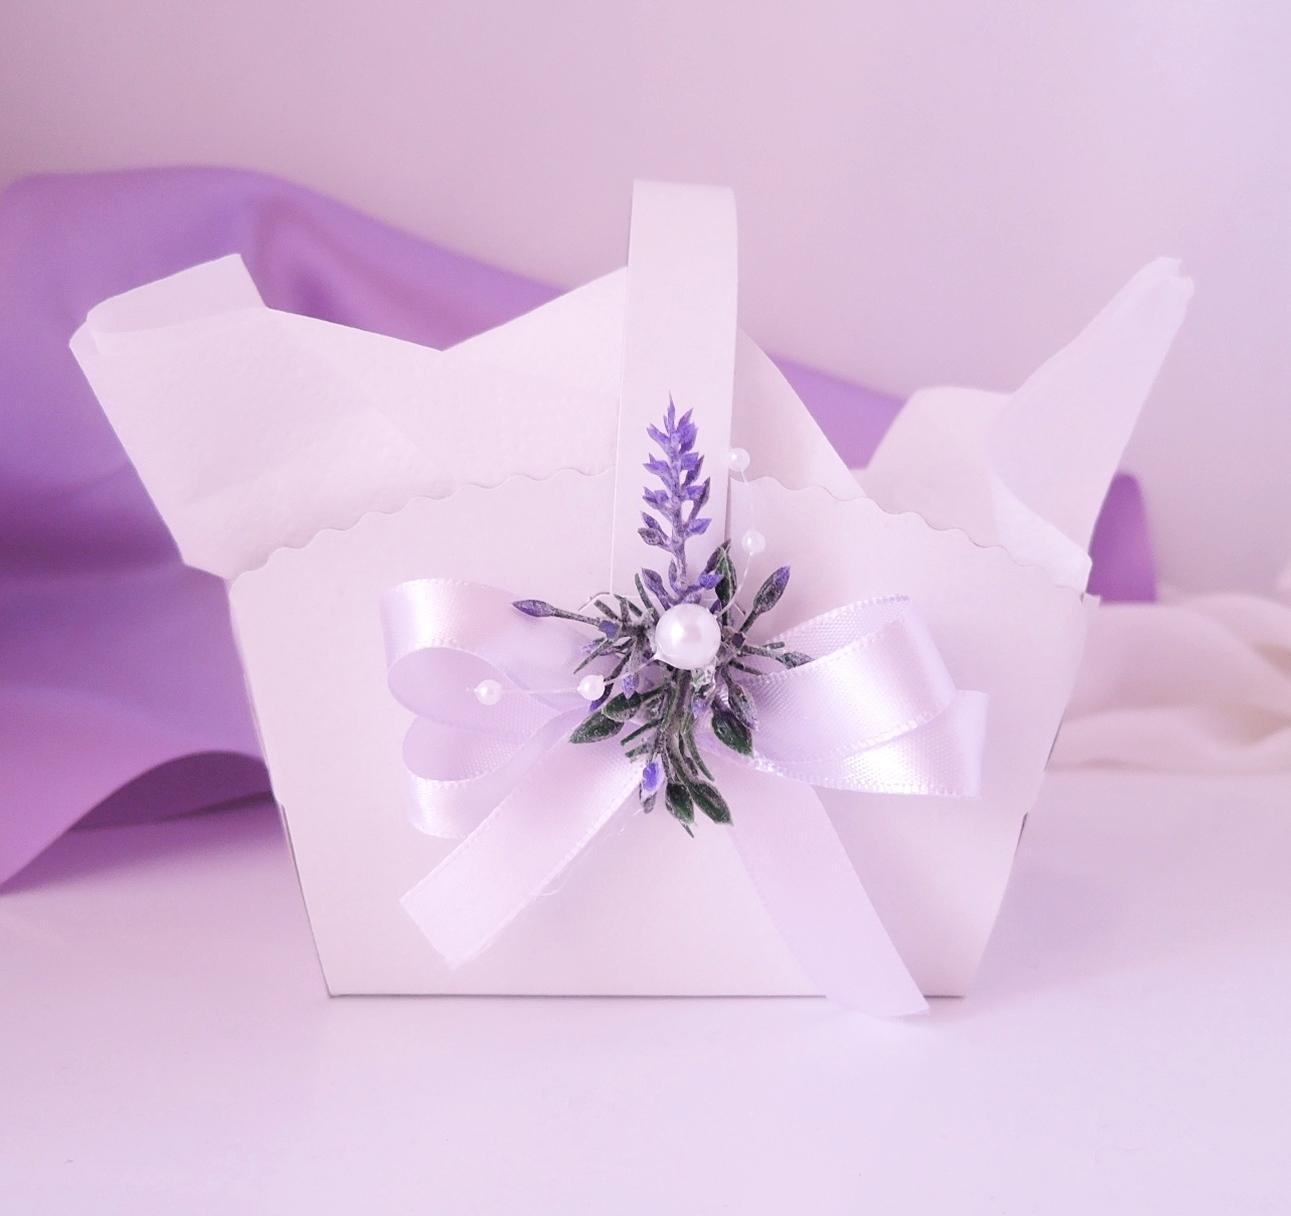 Košíček na malé koláčky levandulový jednostranný - Obrázek č. 1